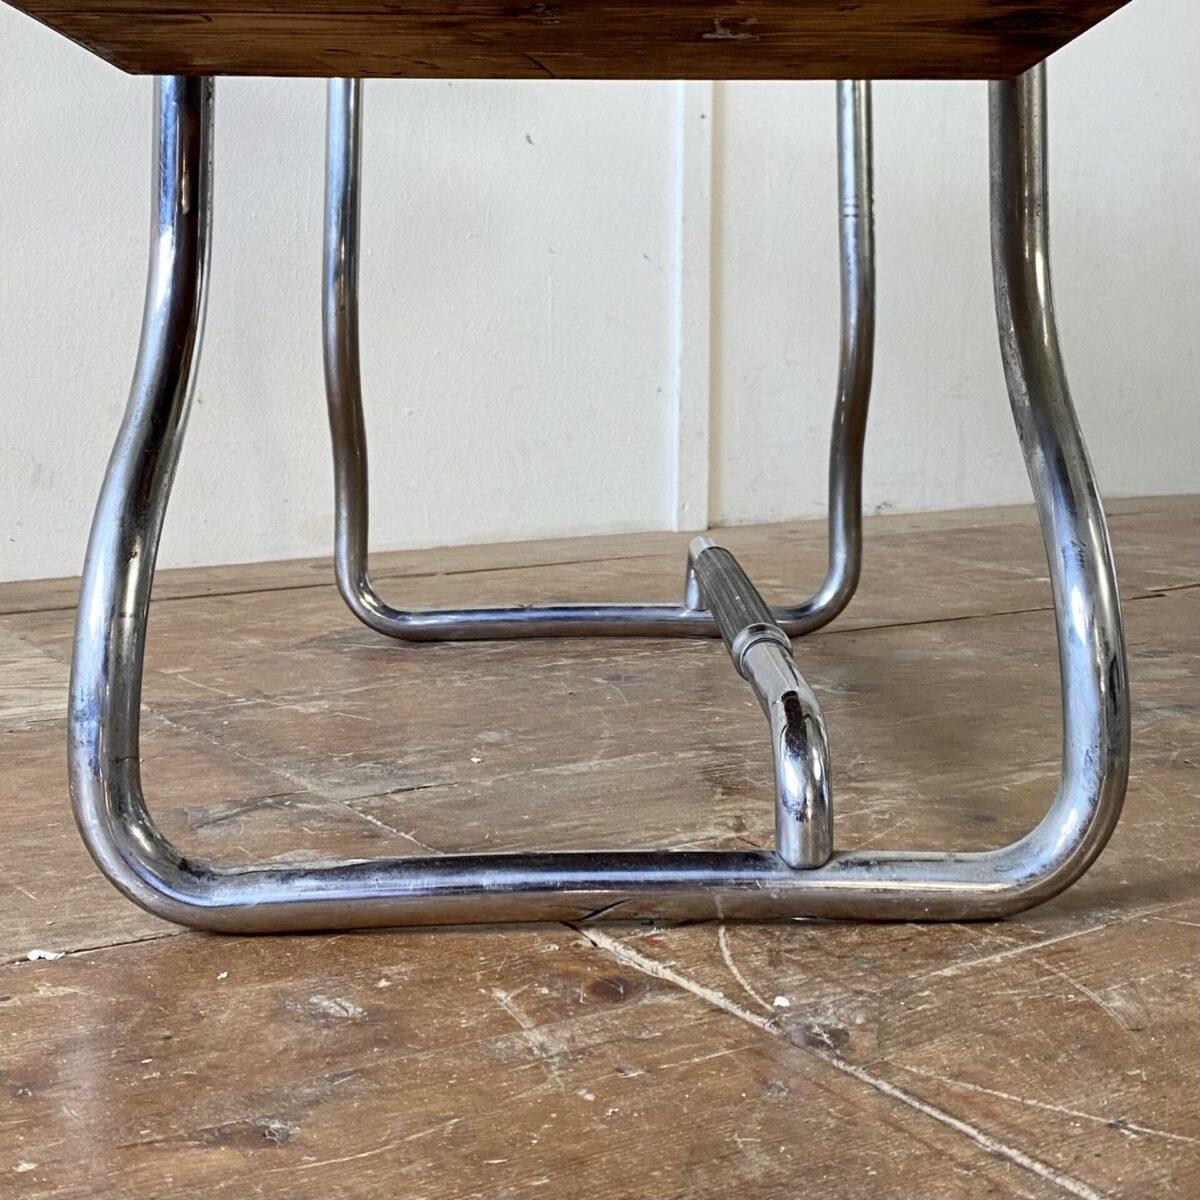 Deuxieme.shop Bauhaus Schreibtisch. Kleiner Schreibtisch aus Eichenholz mit Schubladen, auf gebogenem Stahlrohr Gestell. 127.5x47cm Höhe 71.5cm. Das Tischblatt ist aus Eiche Vollholz, die klappbare Seitenablage ist furniert. Die rechte rote Ablage ist aus Linoleum. Das verchromte Metallgestell hat etwas Flugrost und Patina.